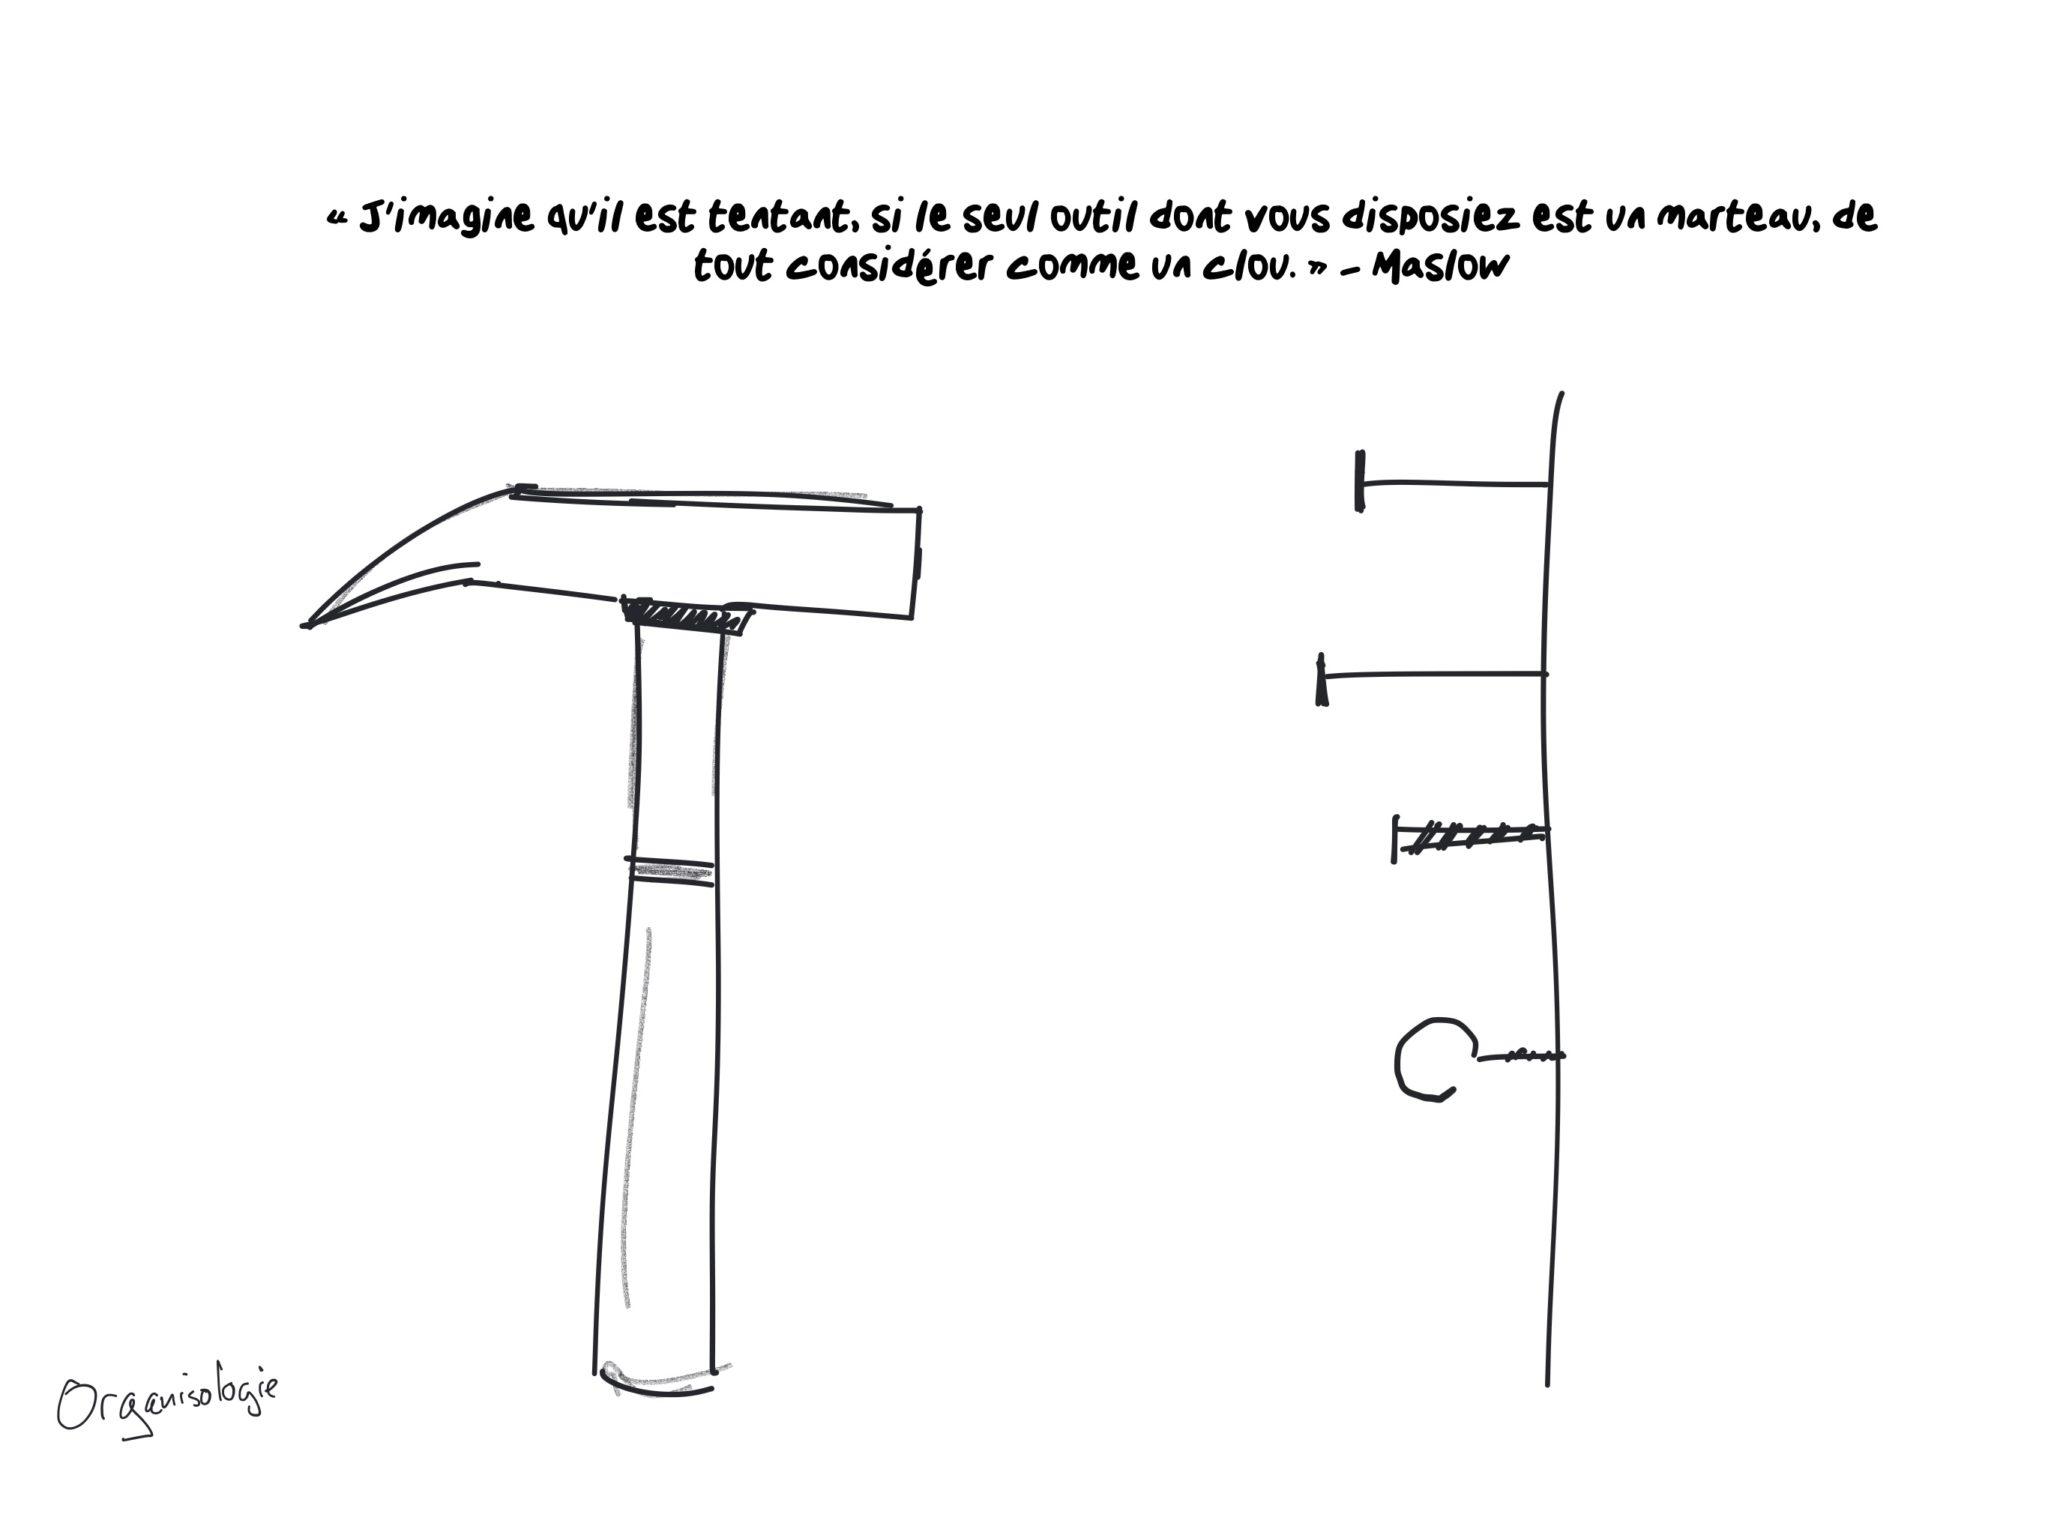 Le marteau de Maslow